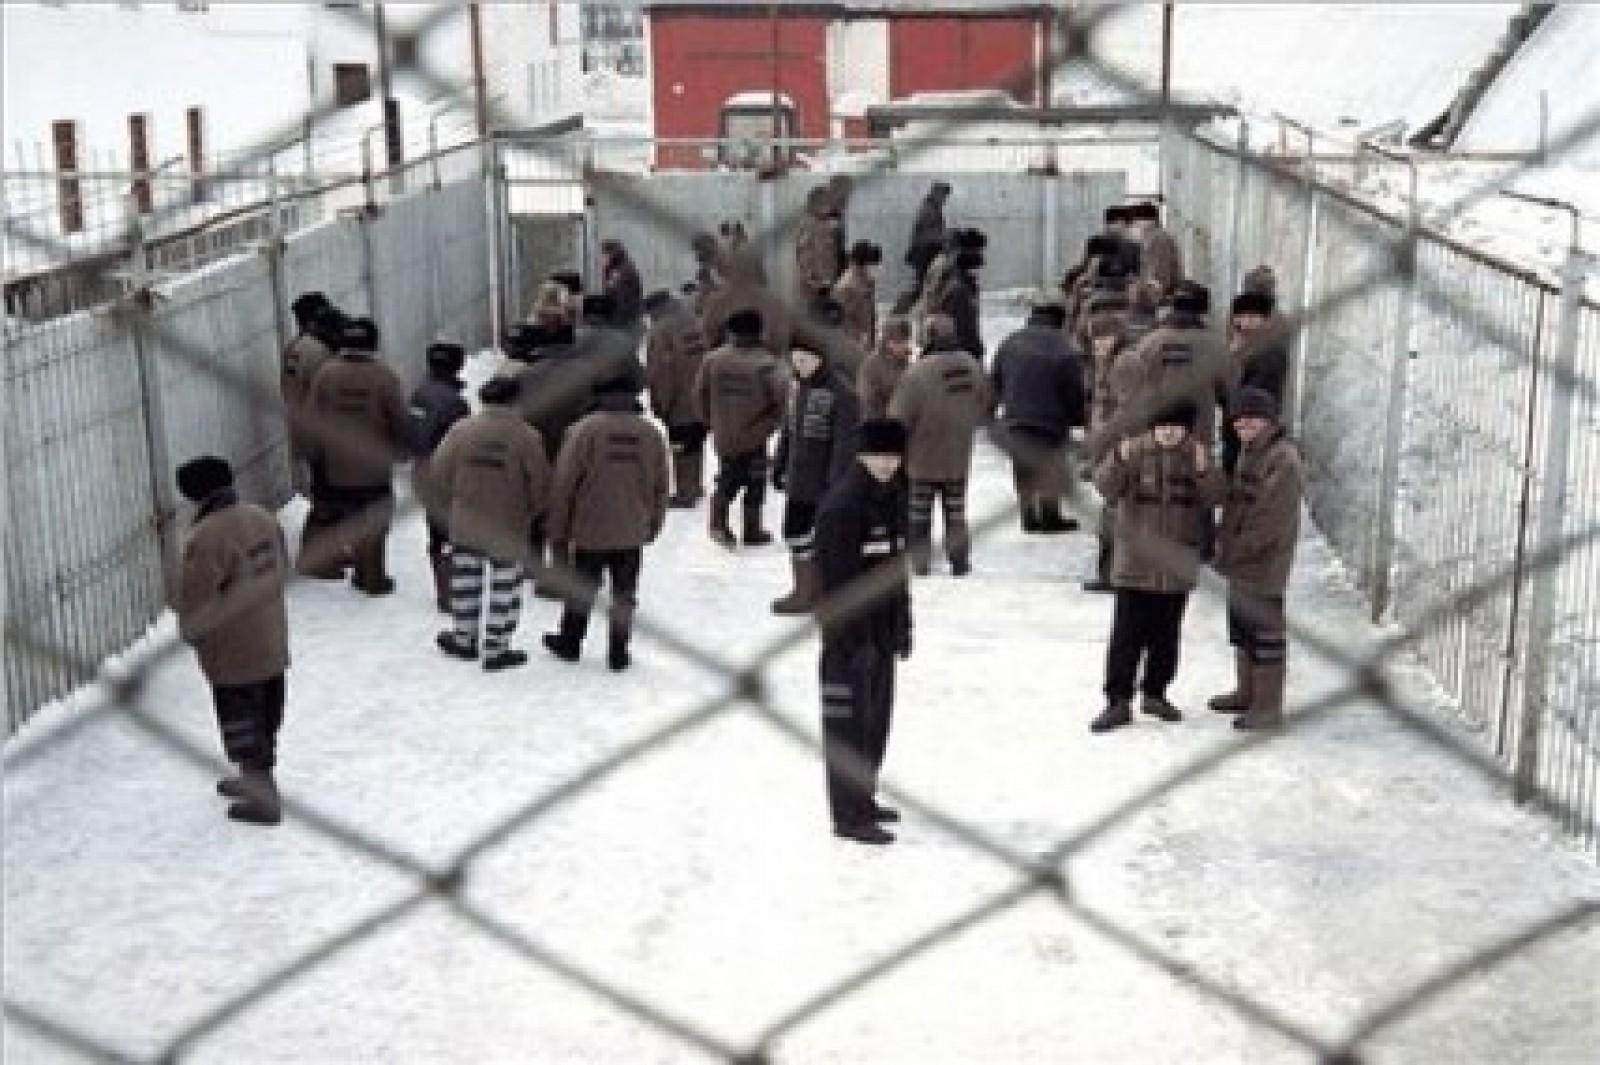 Просмотреть видео и фото о поступлении новых заключенных в следственный изолятор города харьков на холодной горе номер 2